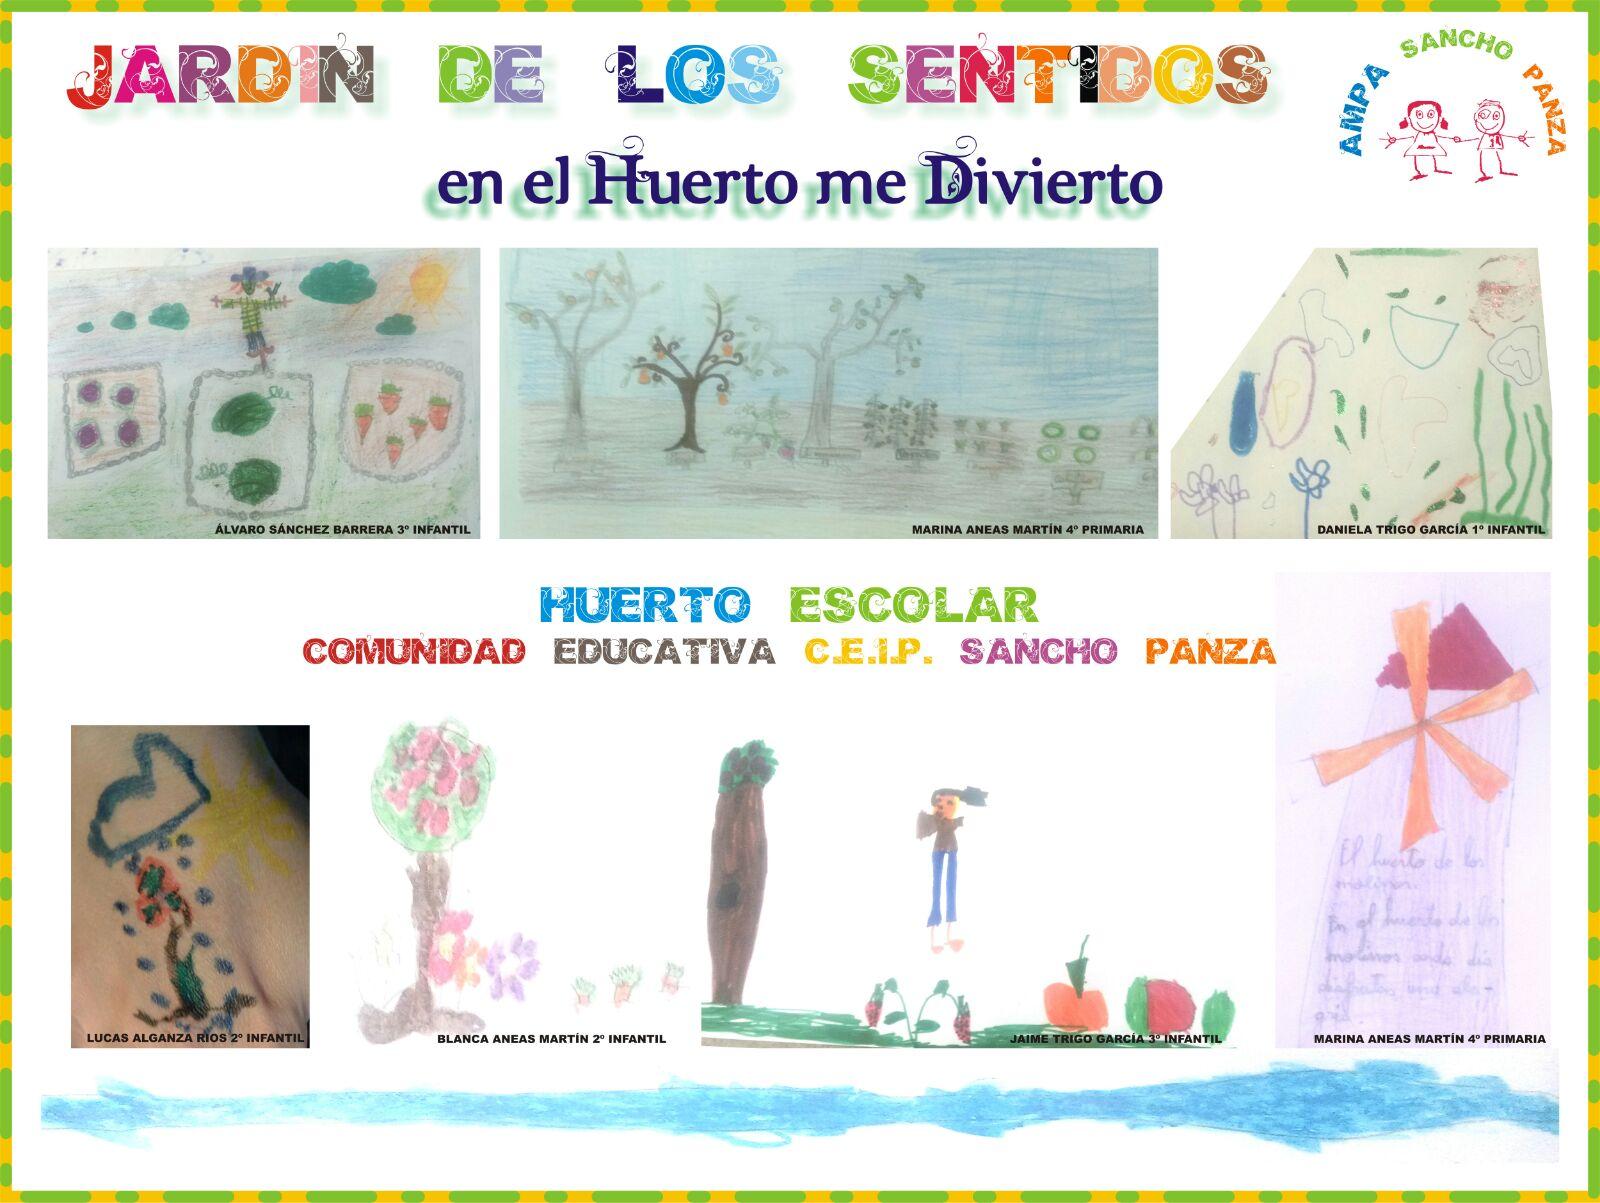 Comunidad Educativa CEIP Sancho Panza